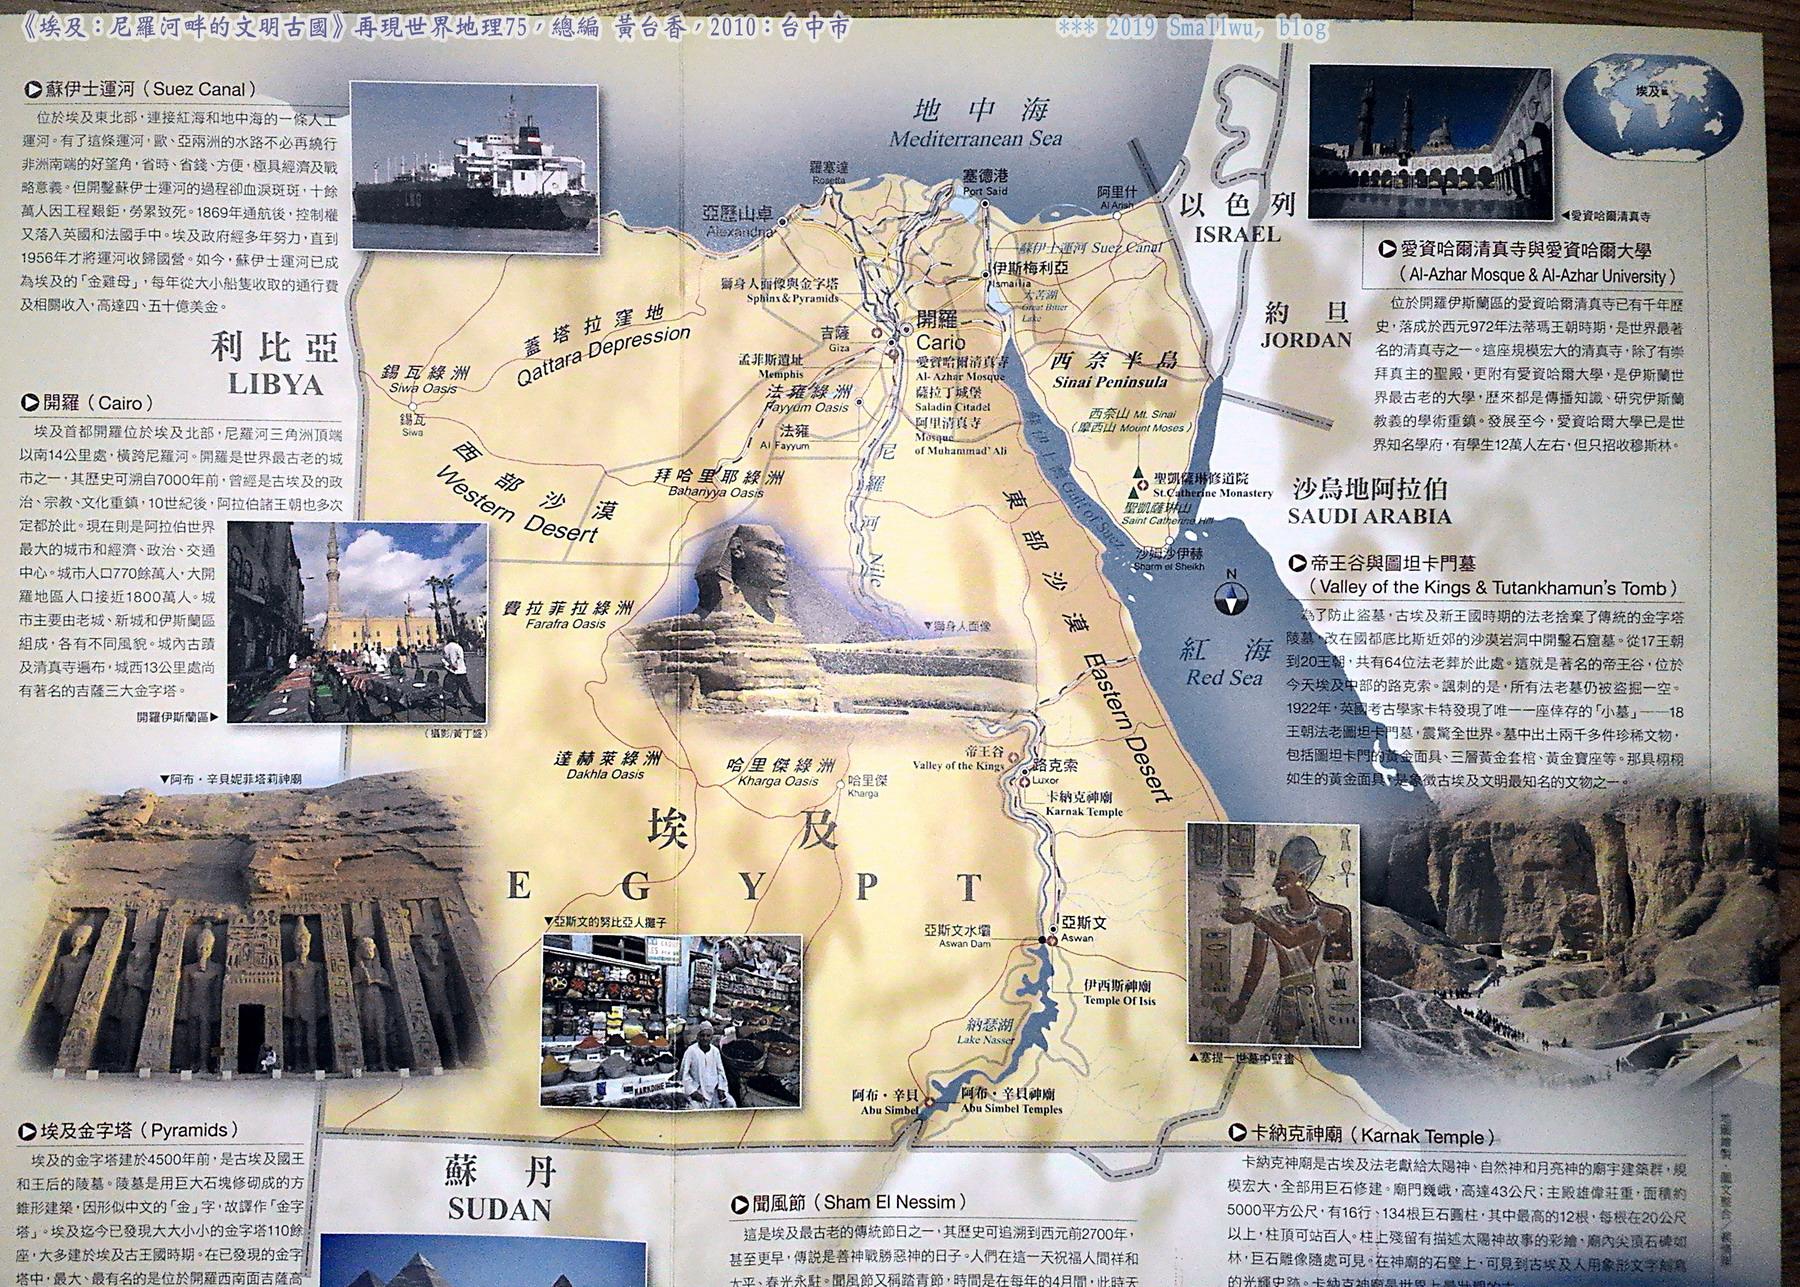 再現世界地理75-埃及-尼羅河畔的文明古國_02 現代埃及地圖 .jpg